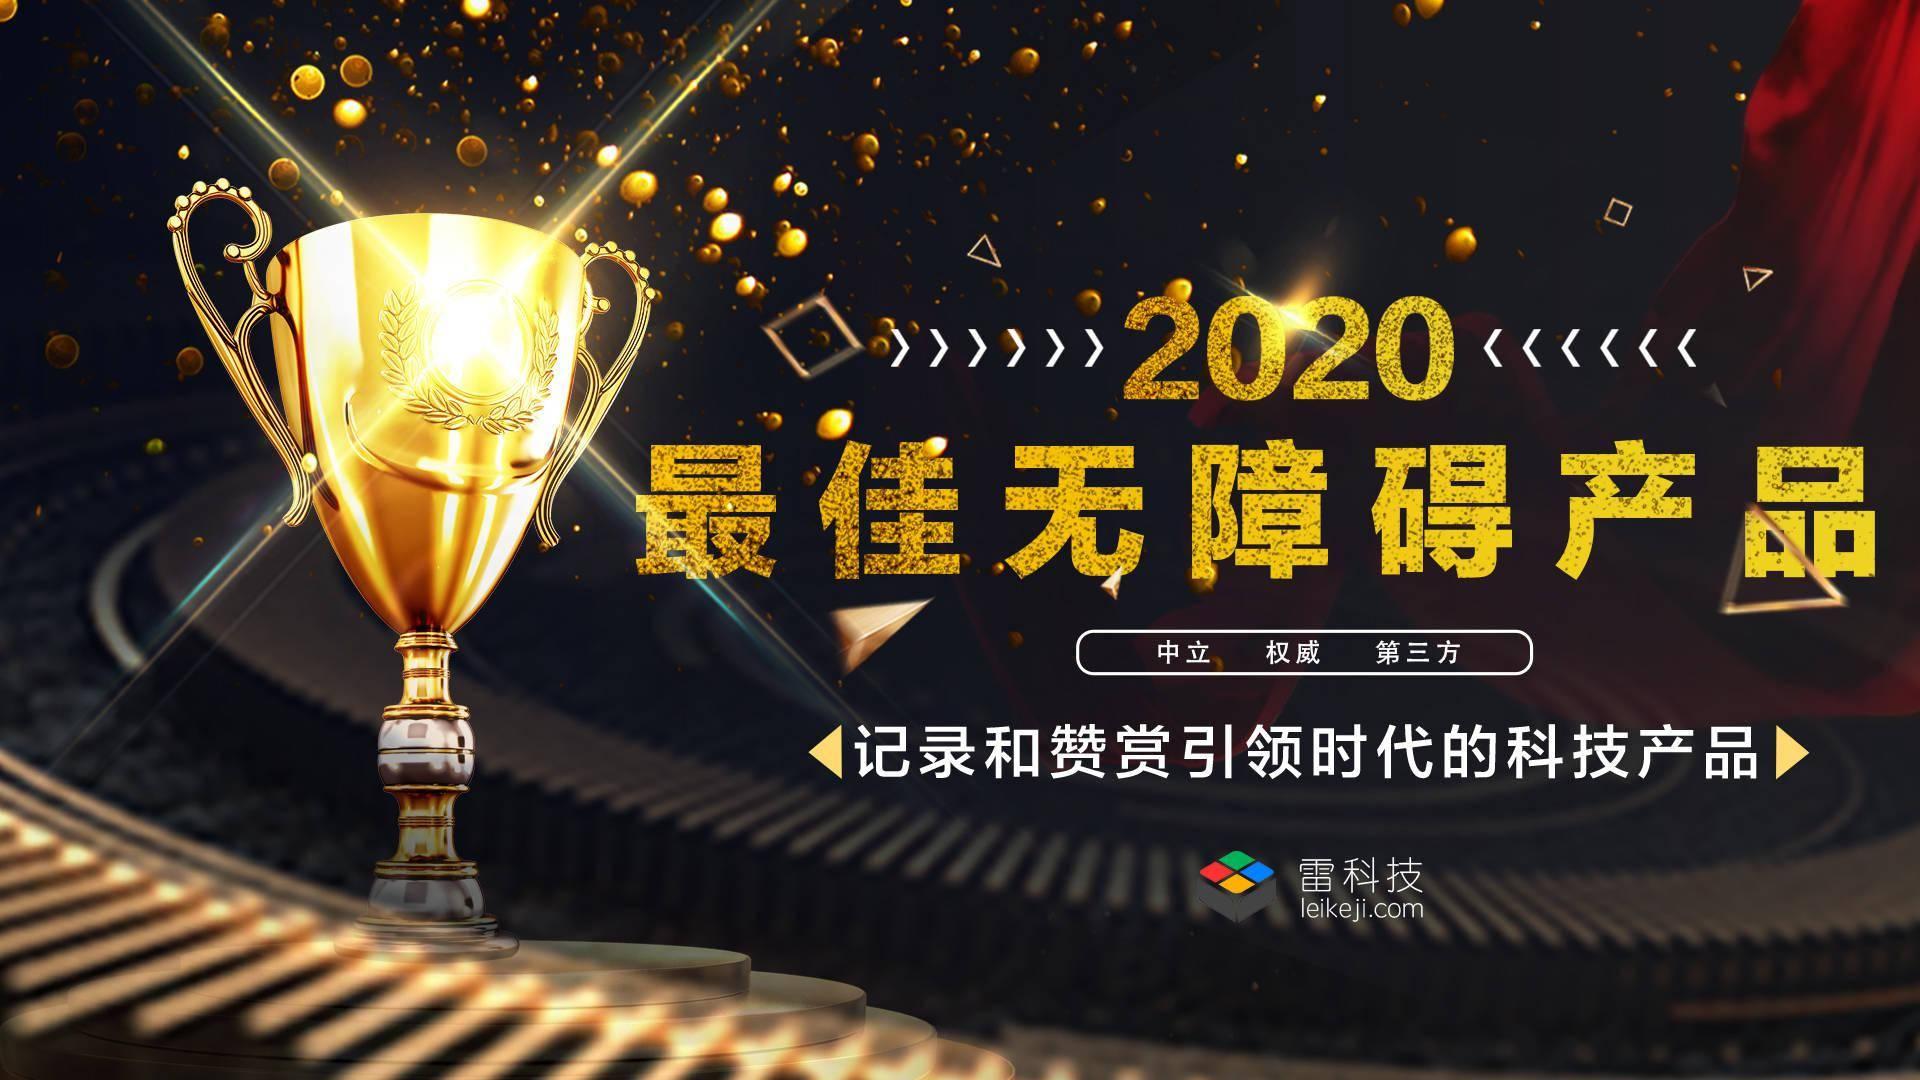 雷科技年度榜单·2020丨十佳无障碍产品公布!